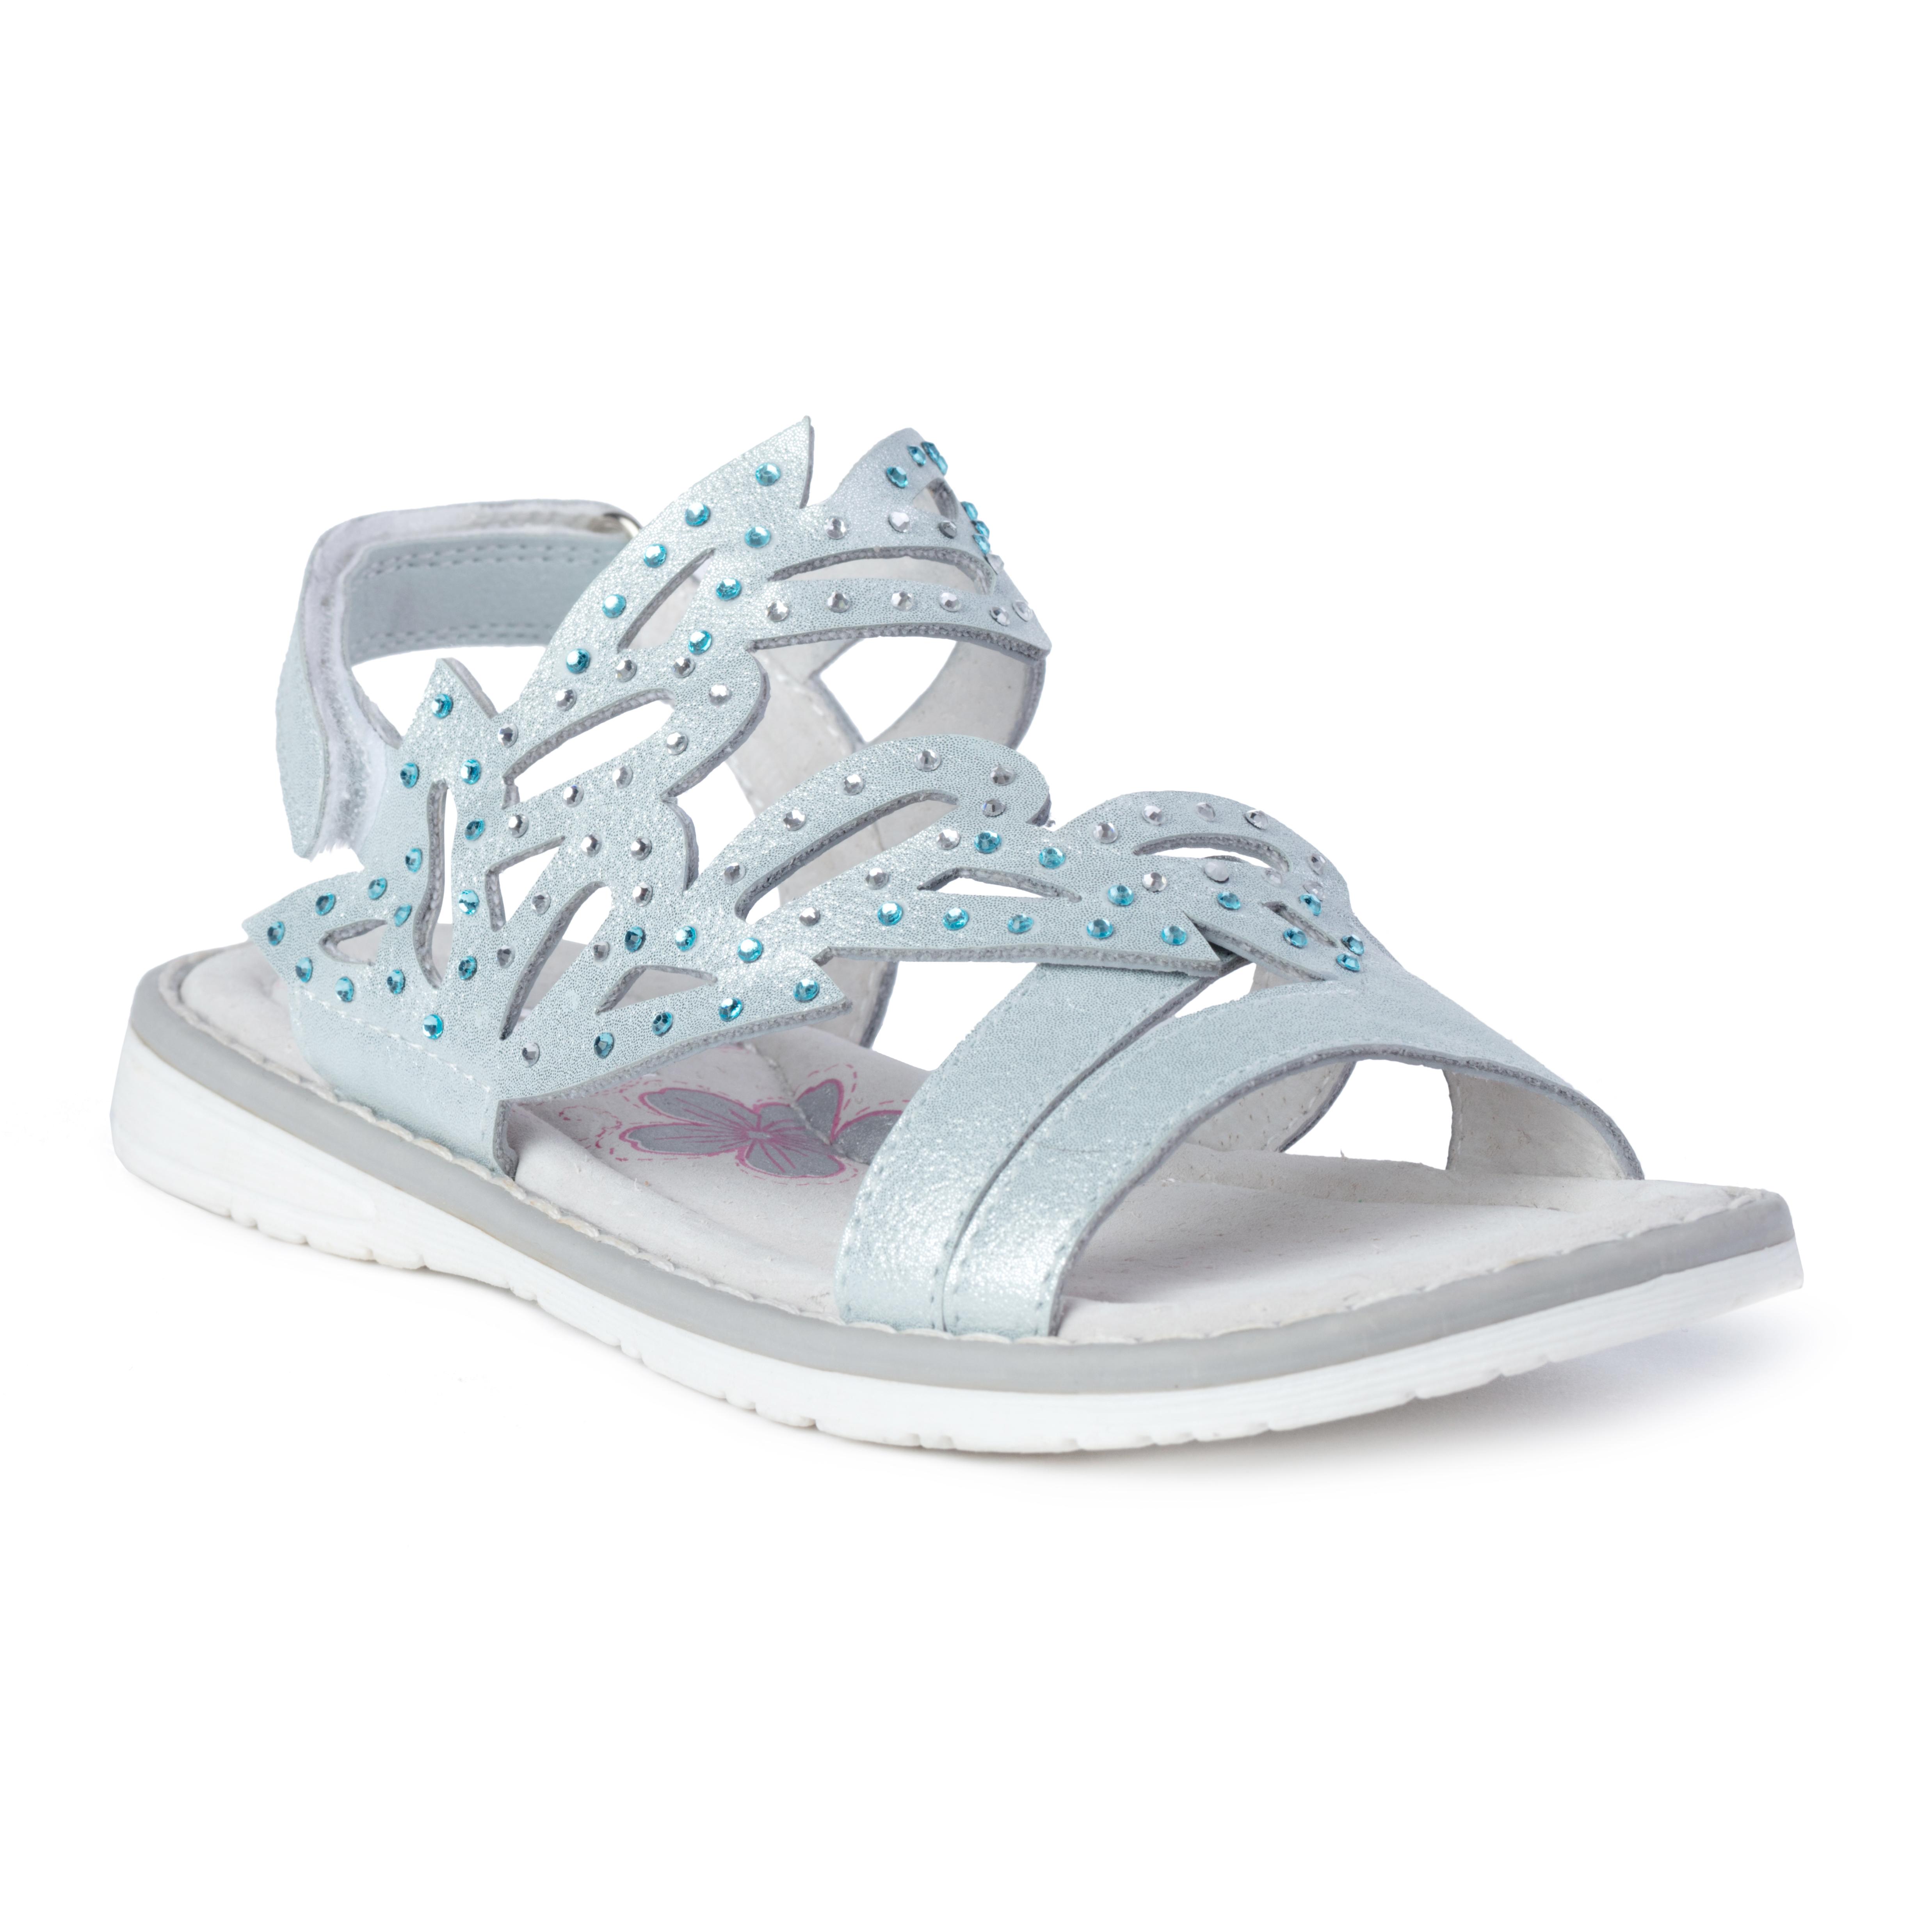 2094e5175 182210 Голубые сандалии для девочки PlayToday PlayToday - купить на ...